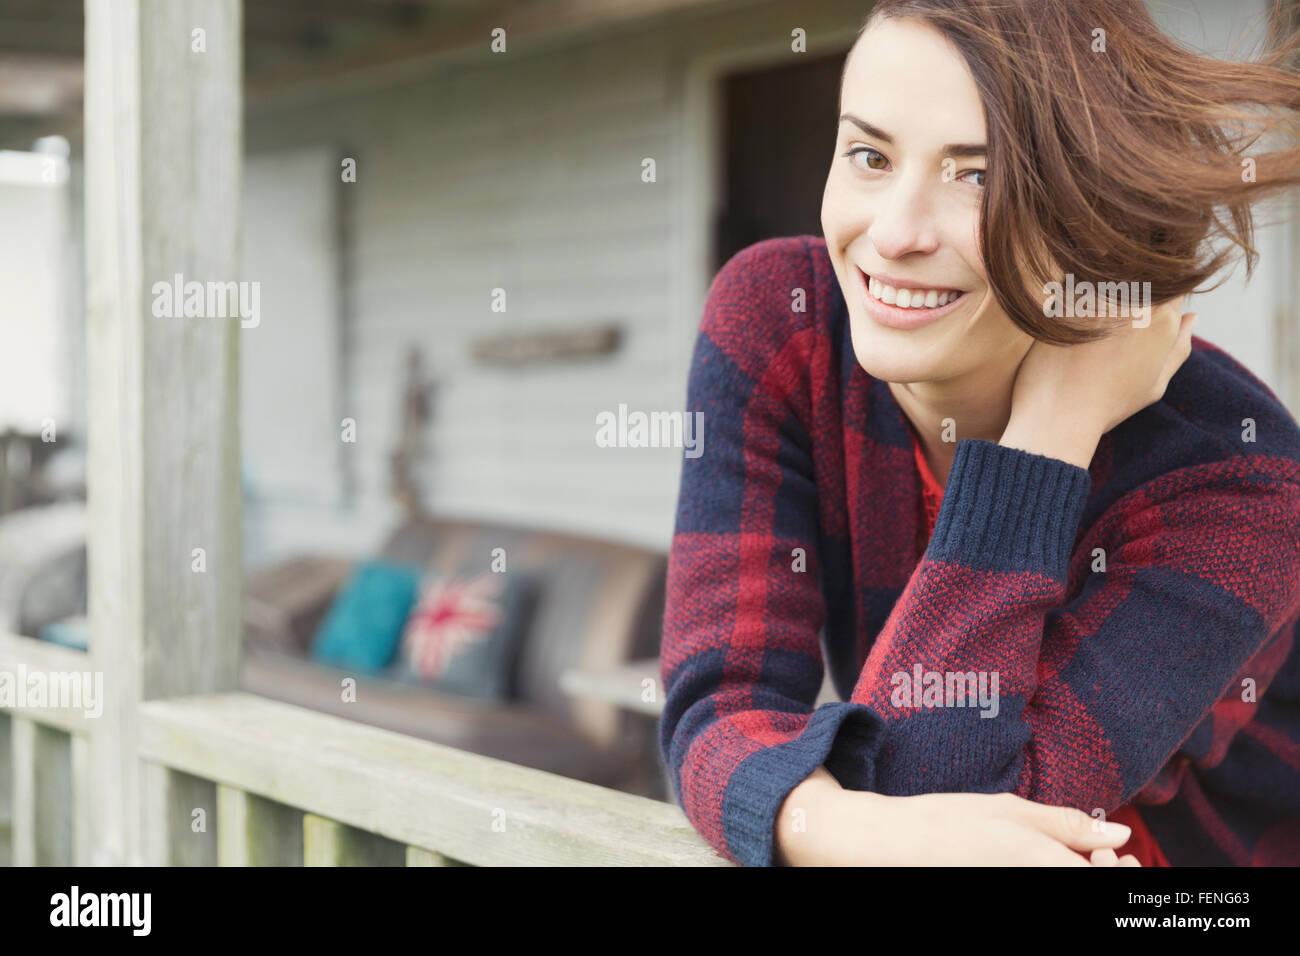 Lächelnde Brünette Frau Porträt auf Veranda Stockbild